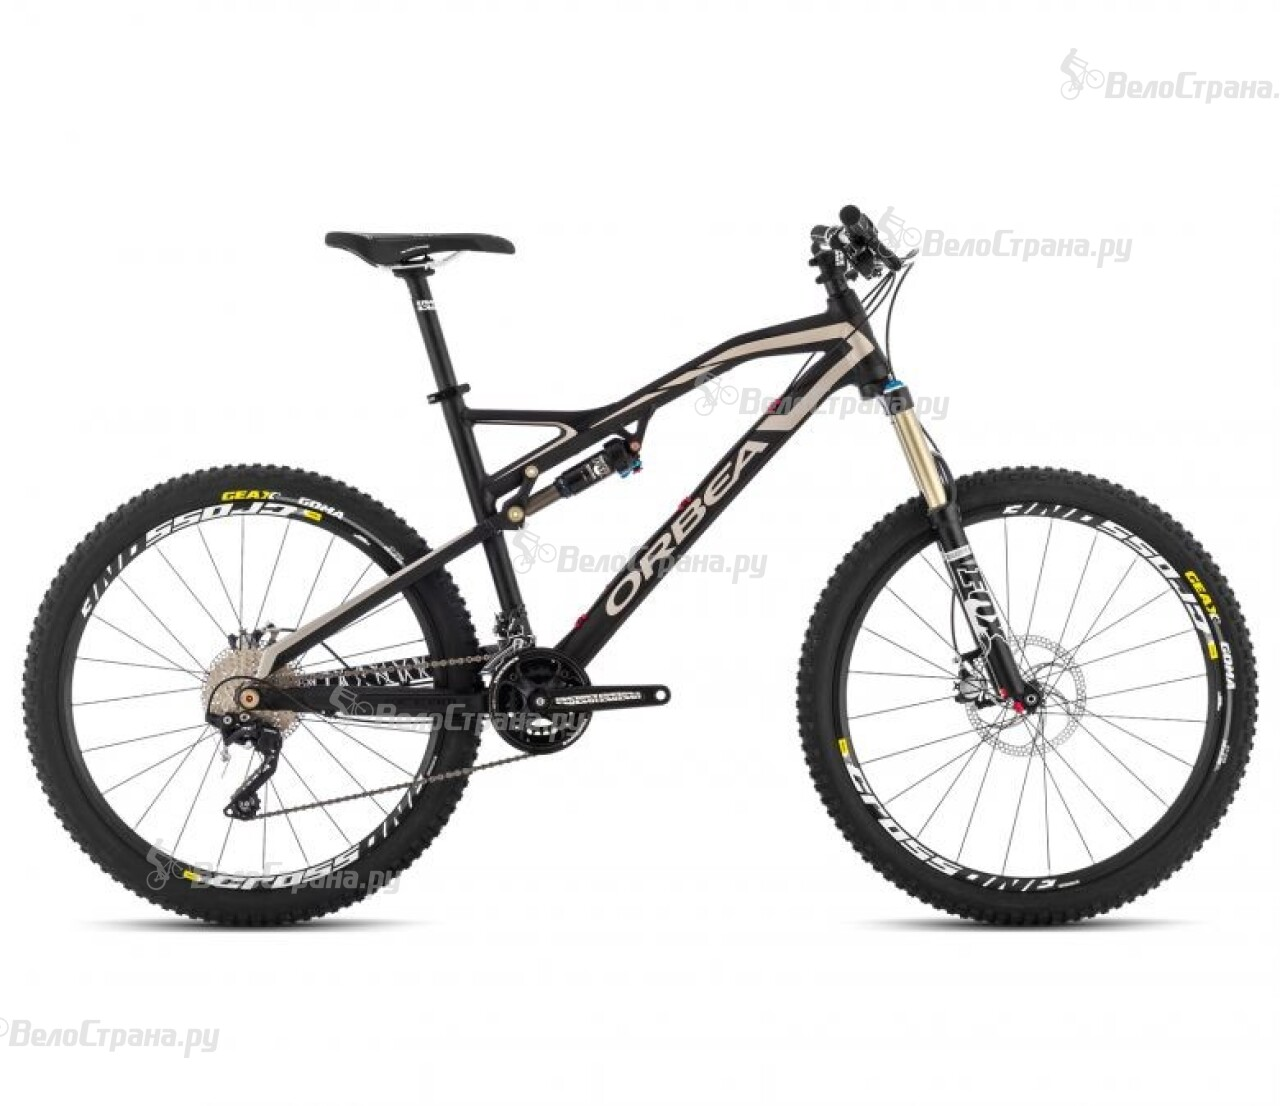 Велосипед Orbea Occam H30x (2014) велосипед orbea occam 29 h30x 2013